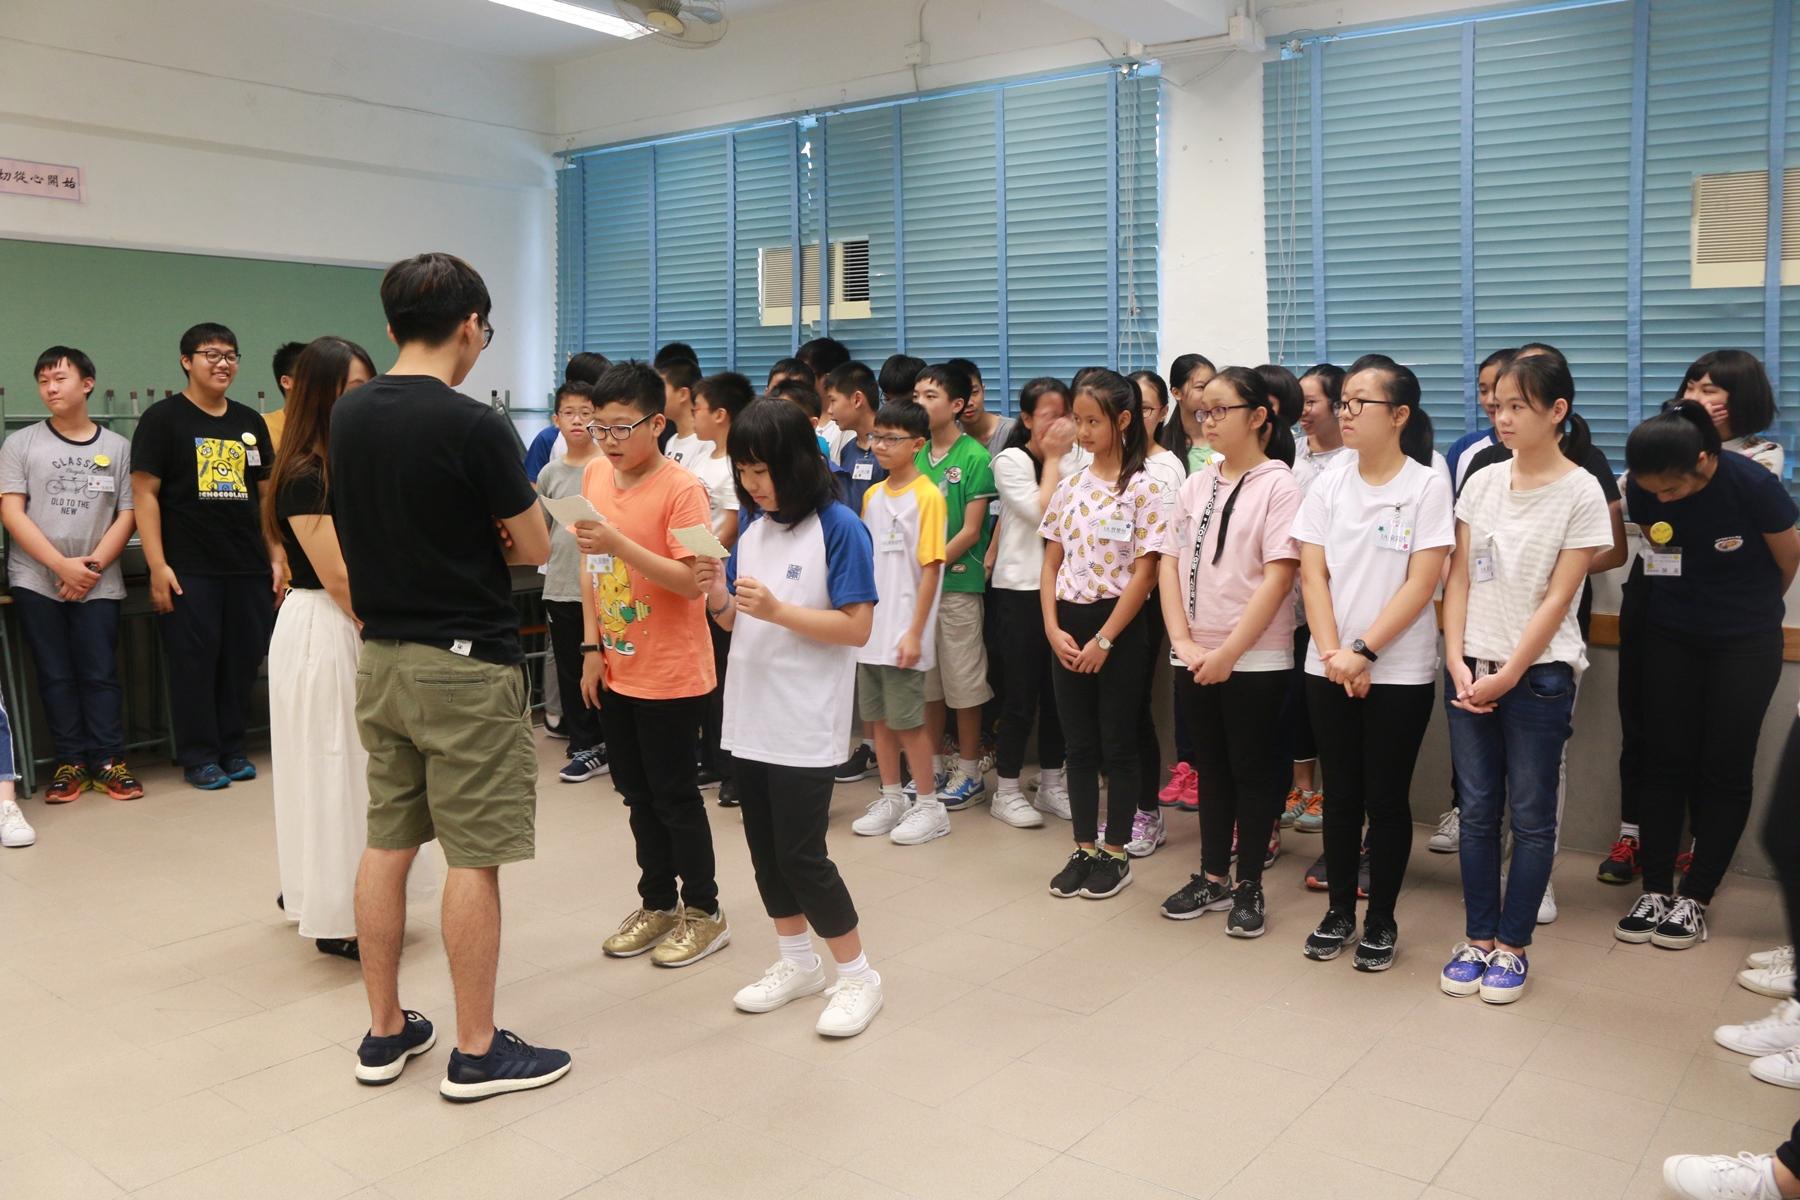 http://npc.edu.hk/sites/default/files/1a_zhong_ying_bing_chong_05.jpg